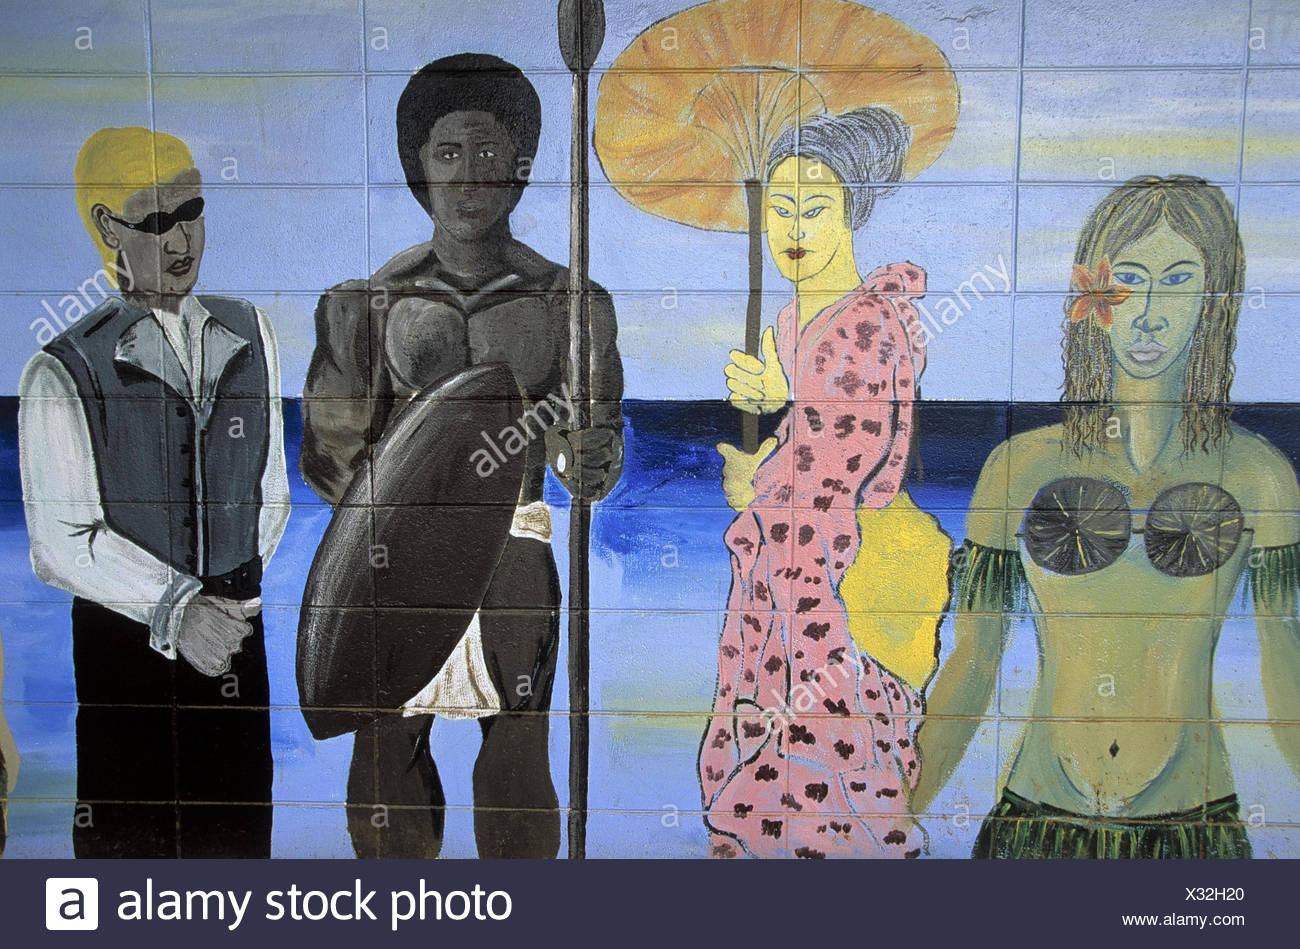 """Fidschi Inseln, Viti Levu, Suva,  Mauer, bemalt, Personen,  Nationalitäten, verschieden Südsee, Insel, Wand, Malerei, Handwerk, Kunst, malen, """"Fijian handicraft Center"""", Kultur Stock Photo"""